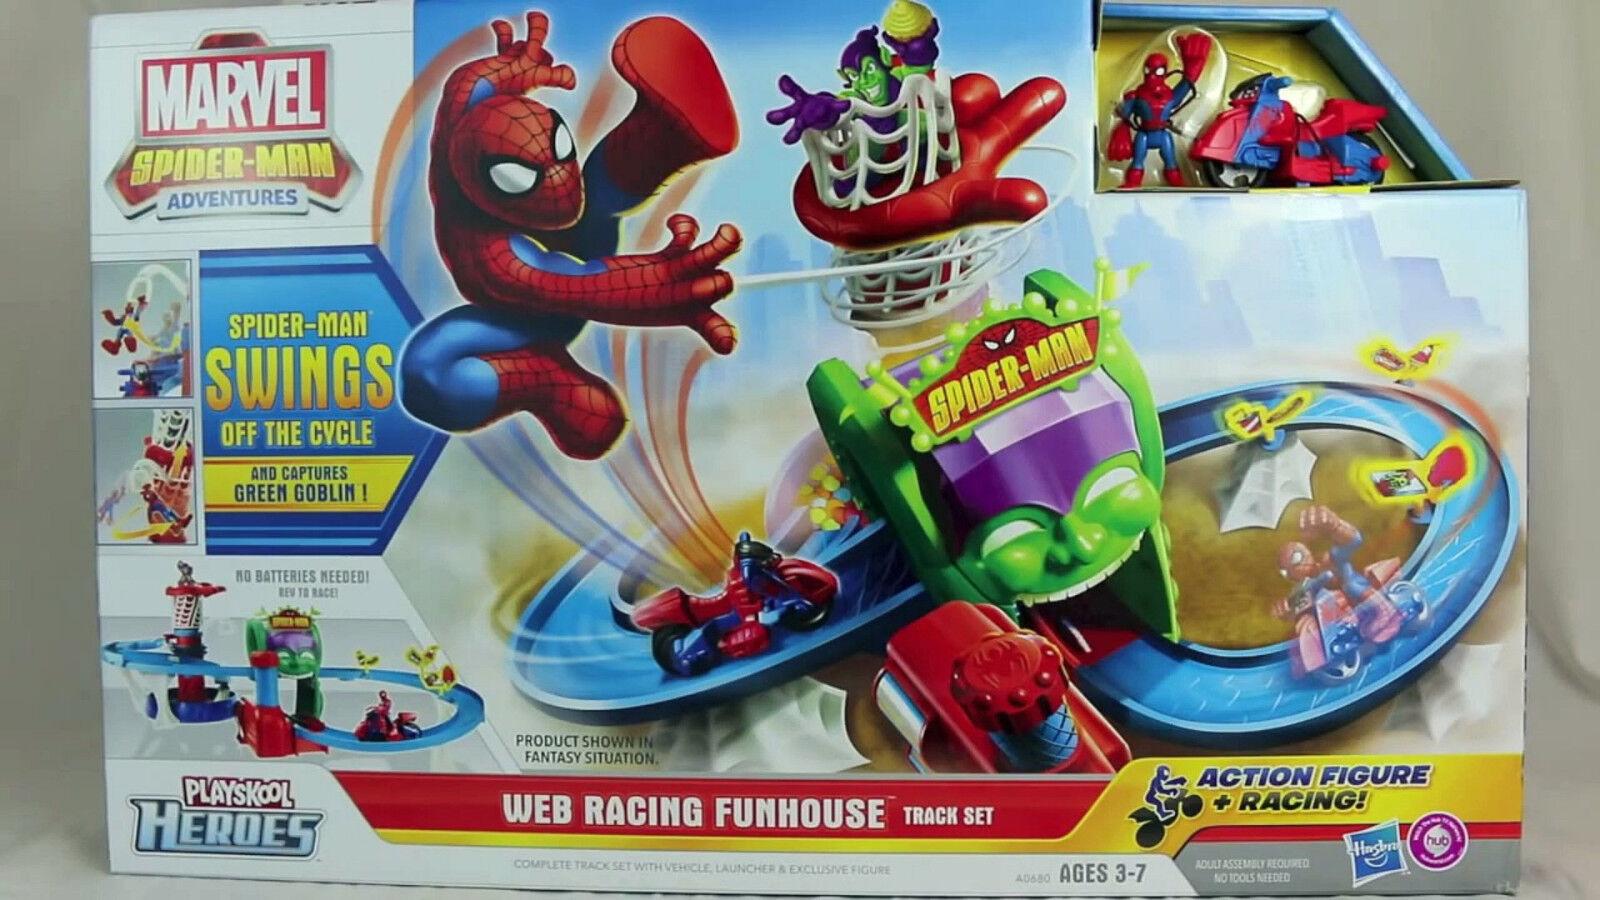 Playskool Heroes Marvel Spider-Man Adventures Web Racing Funhouse Play Set